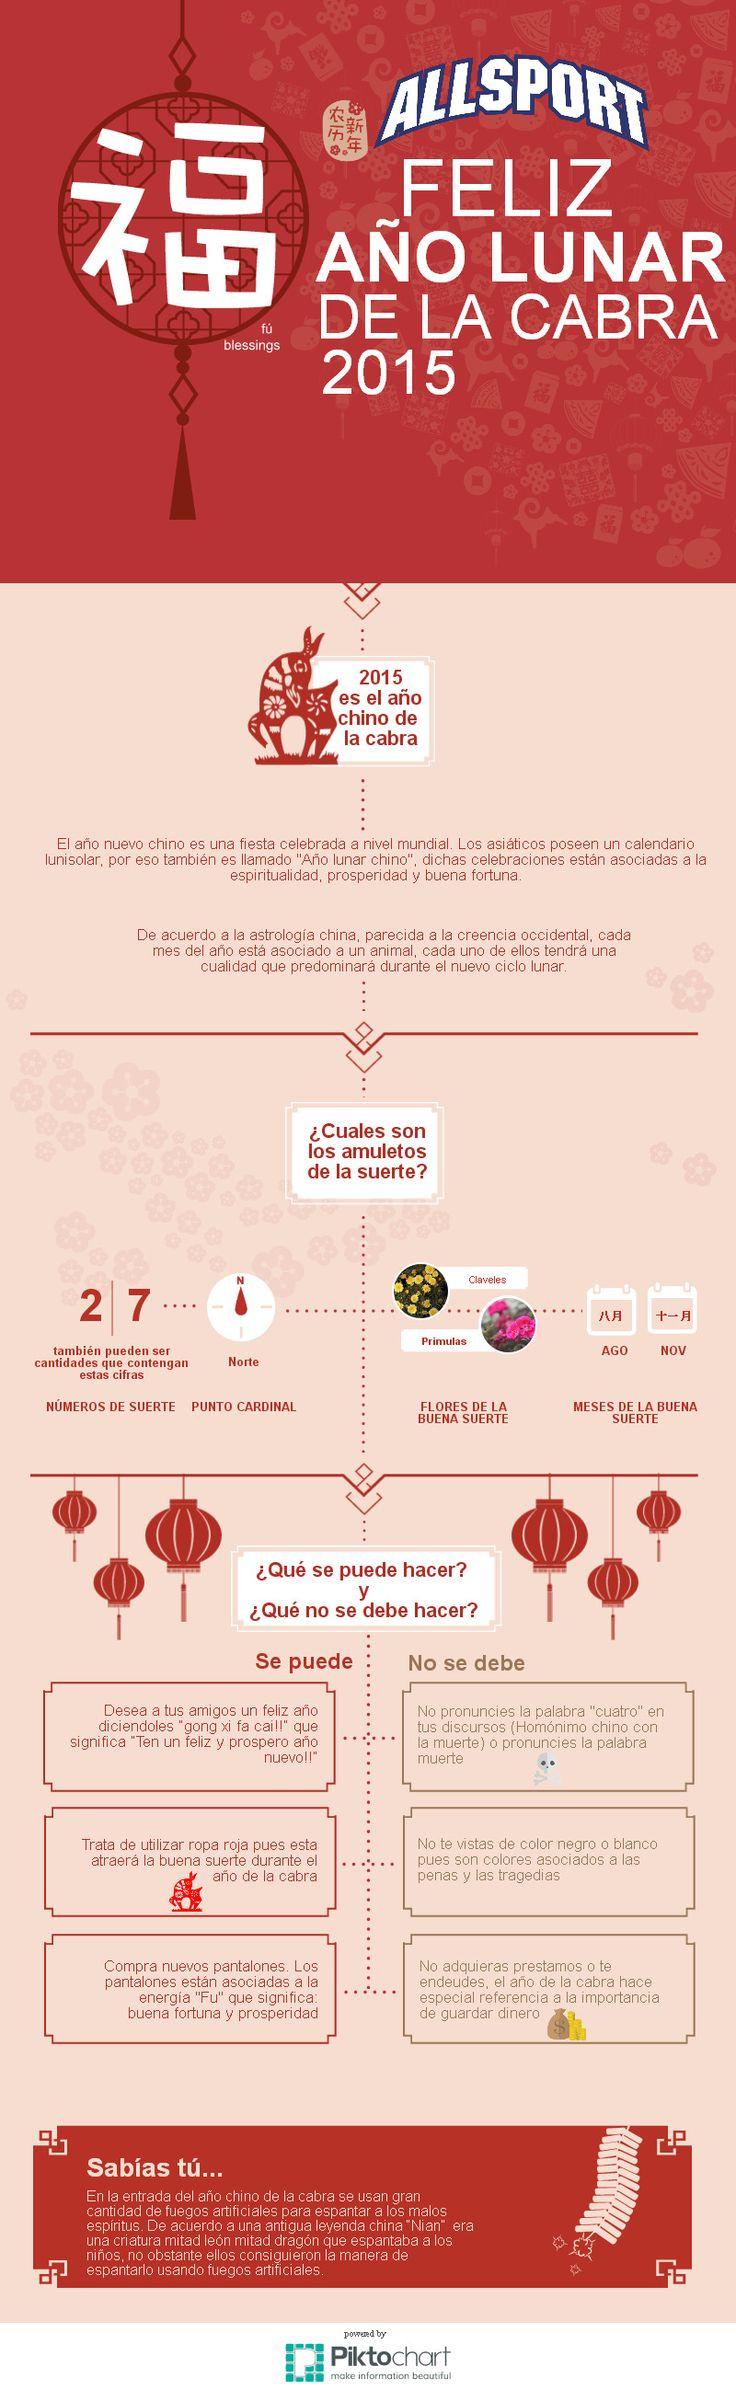 Lo que no conocías sobre el año nuevo chino 2015 te lo trae #Allsport con sus #cooldatos #cooltura #coolturizate #tripea #pty #panama #infografía #graphics #info #bekind #entérate #instagram